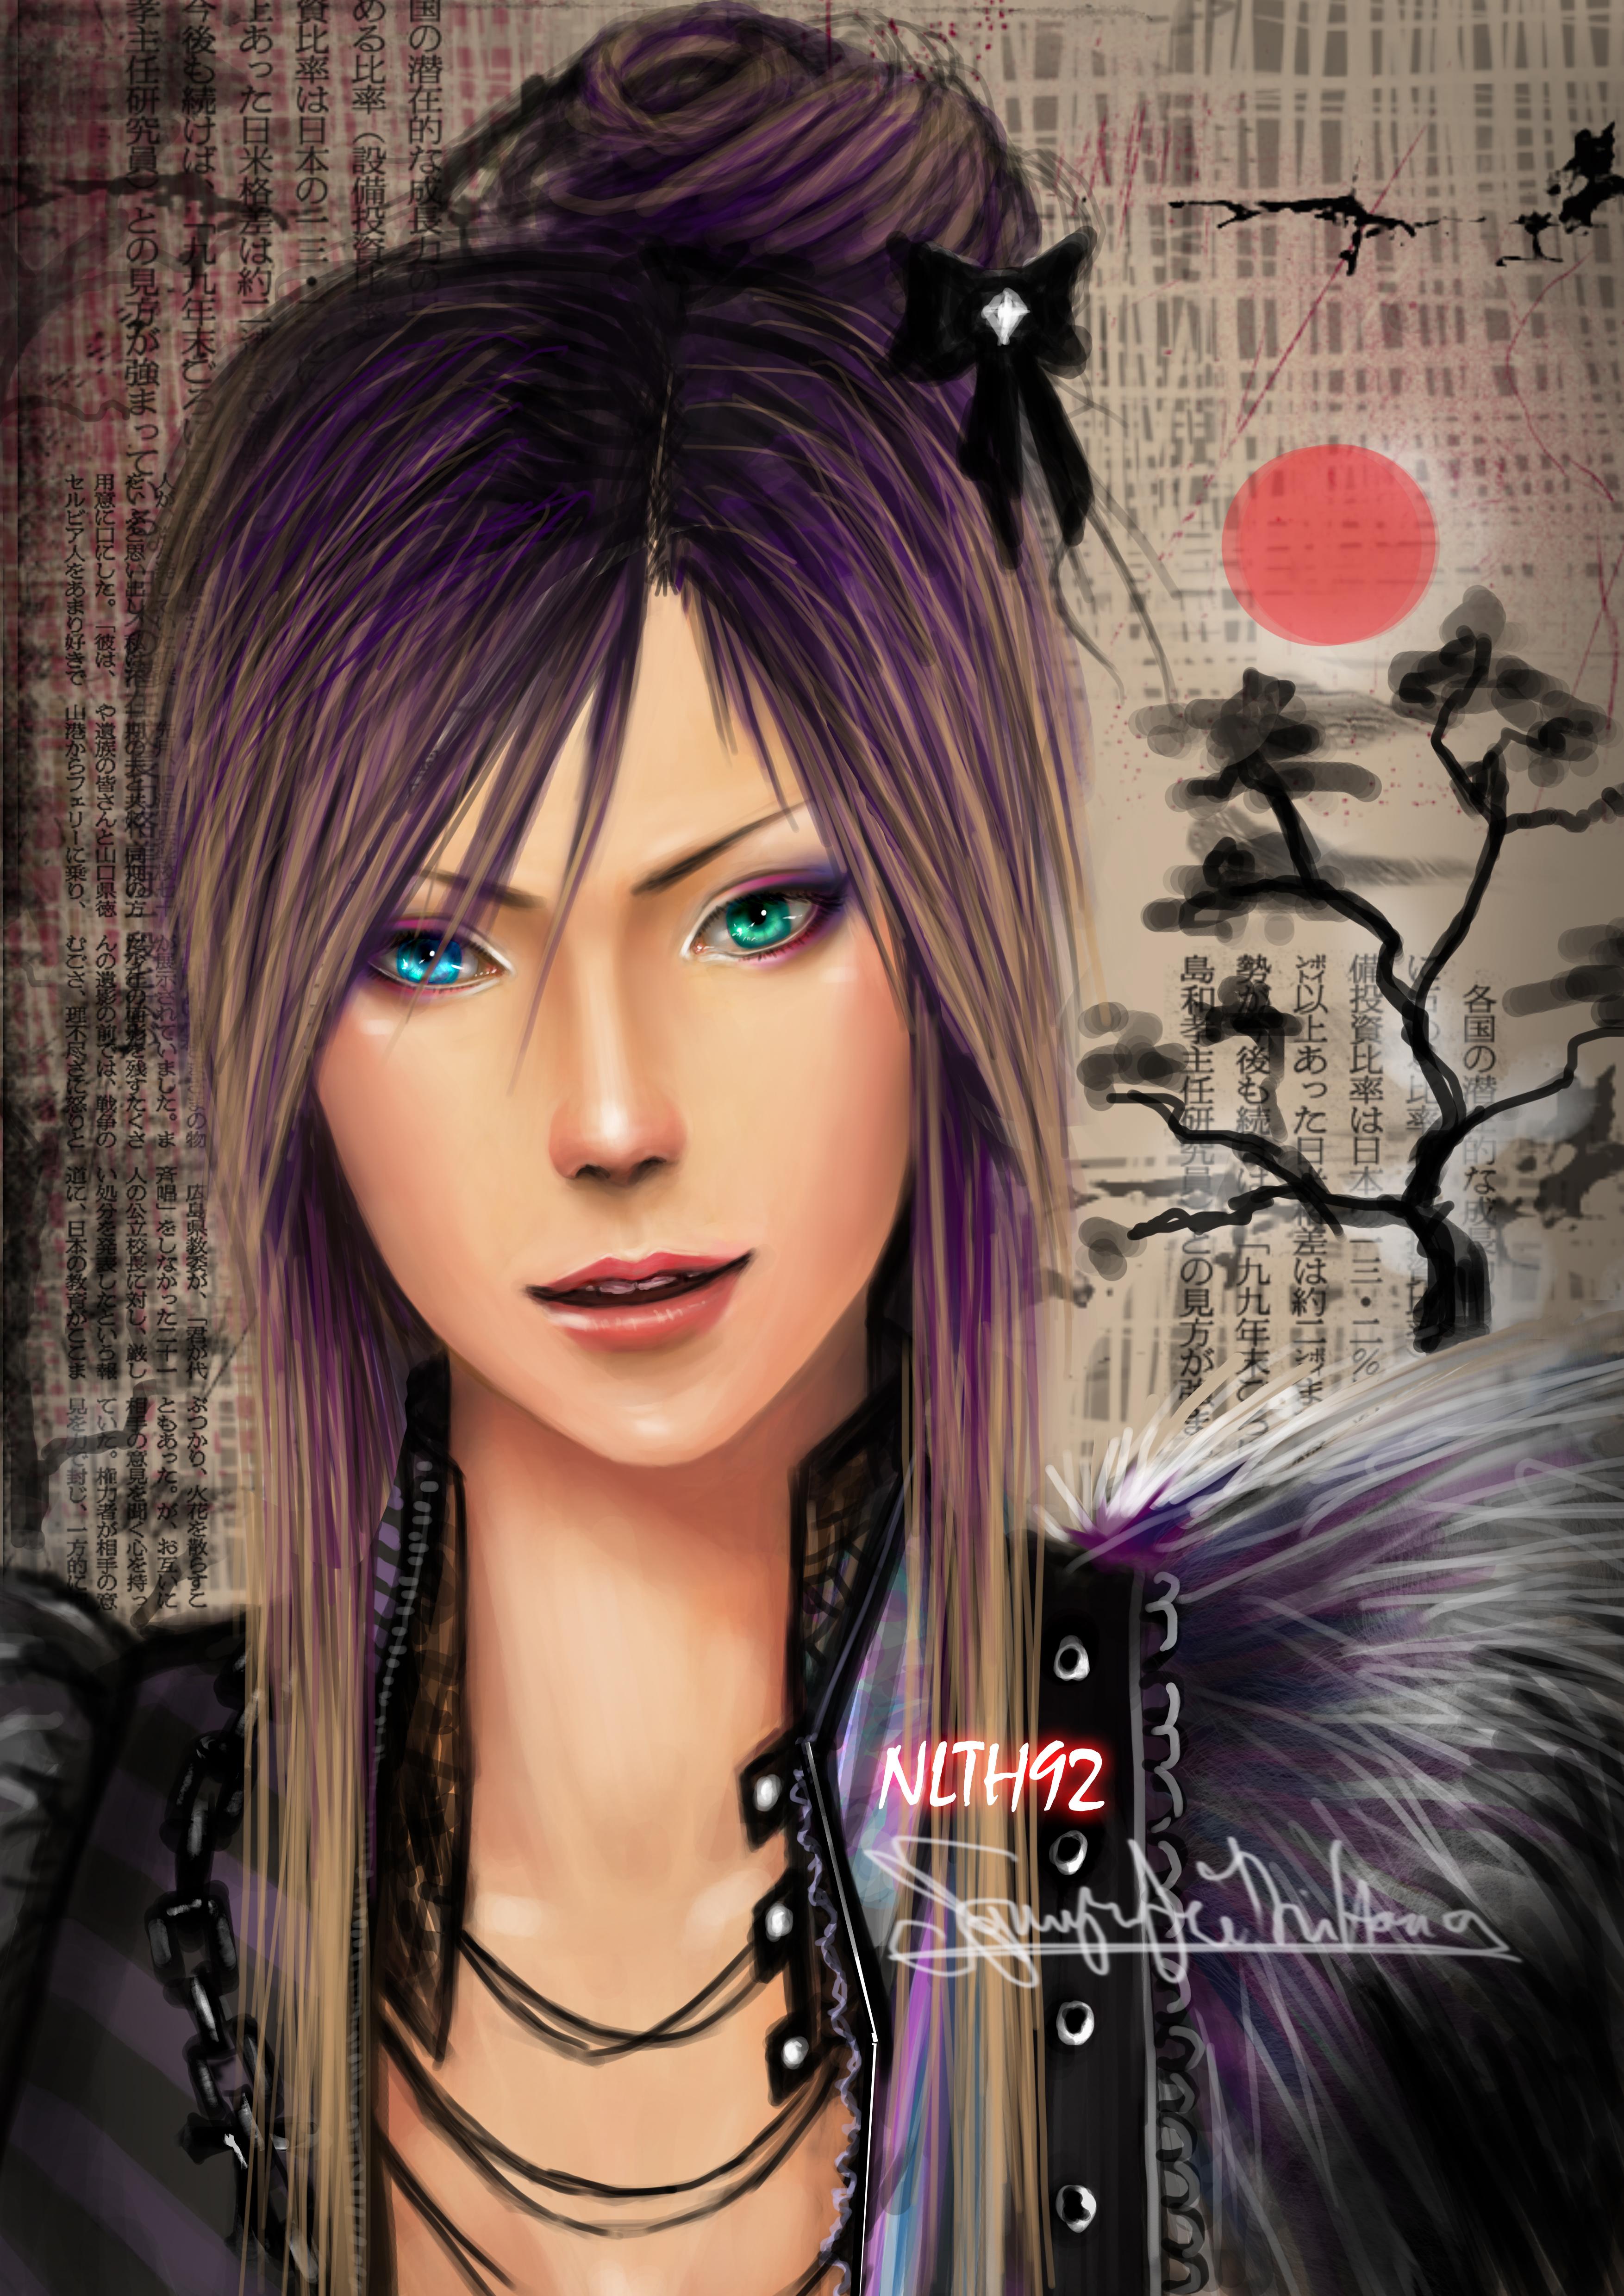 http://fc08.deviantart.net/fs47/f/2009/166/9/3/Visuel_kei_girl_by_Nixle.jpg